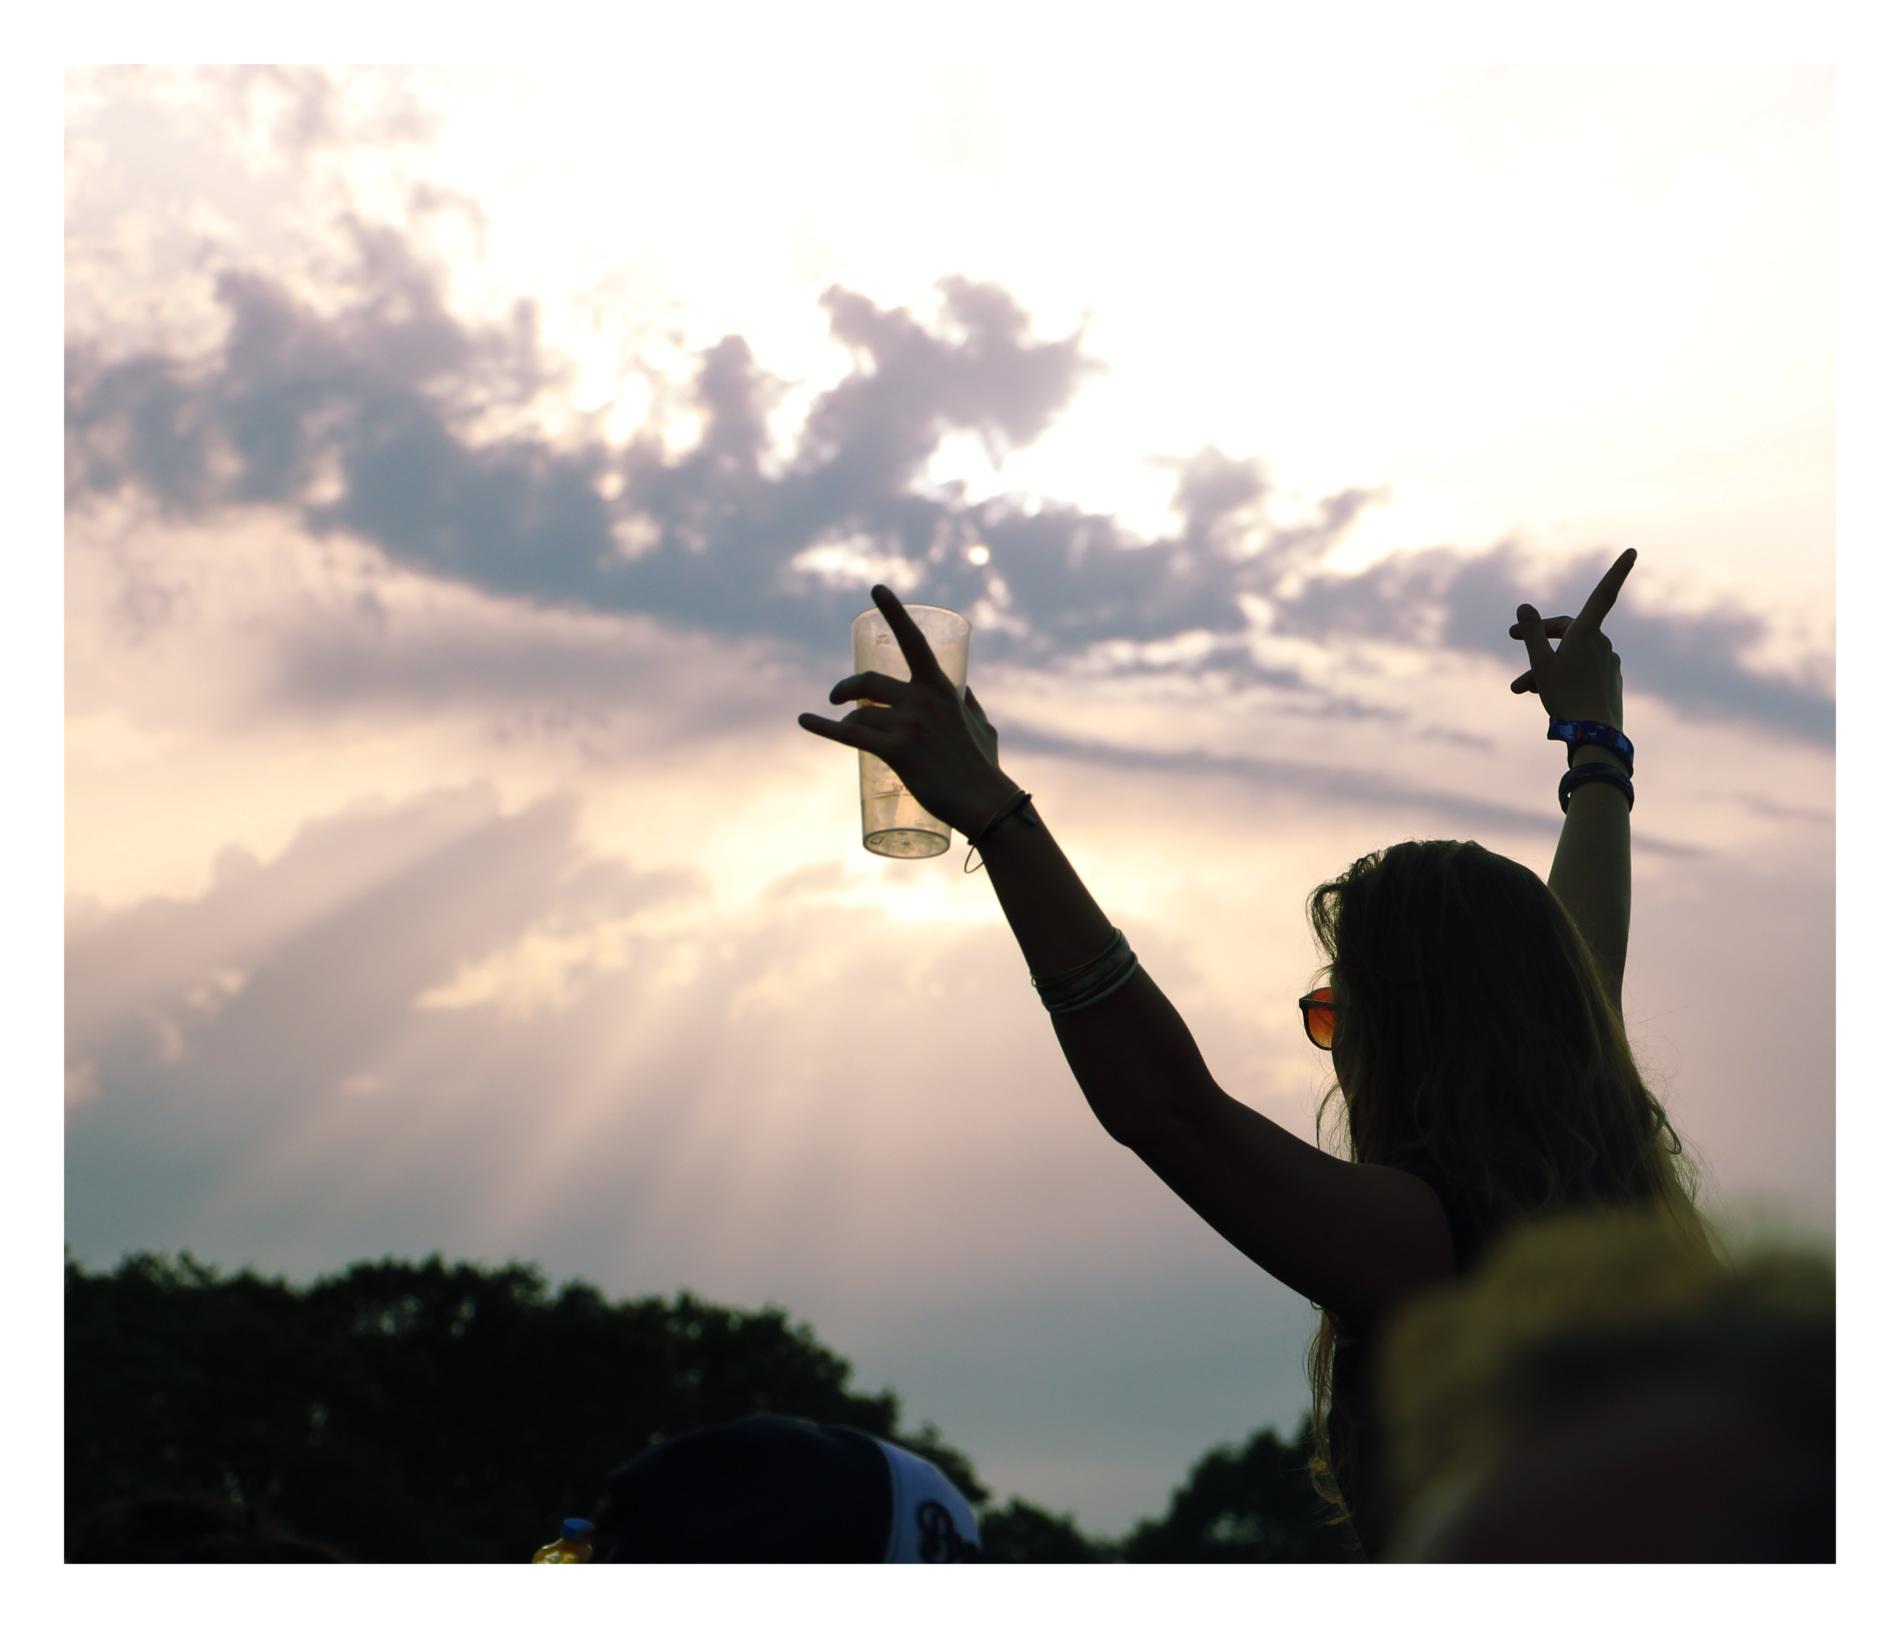 Festival_participant